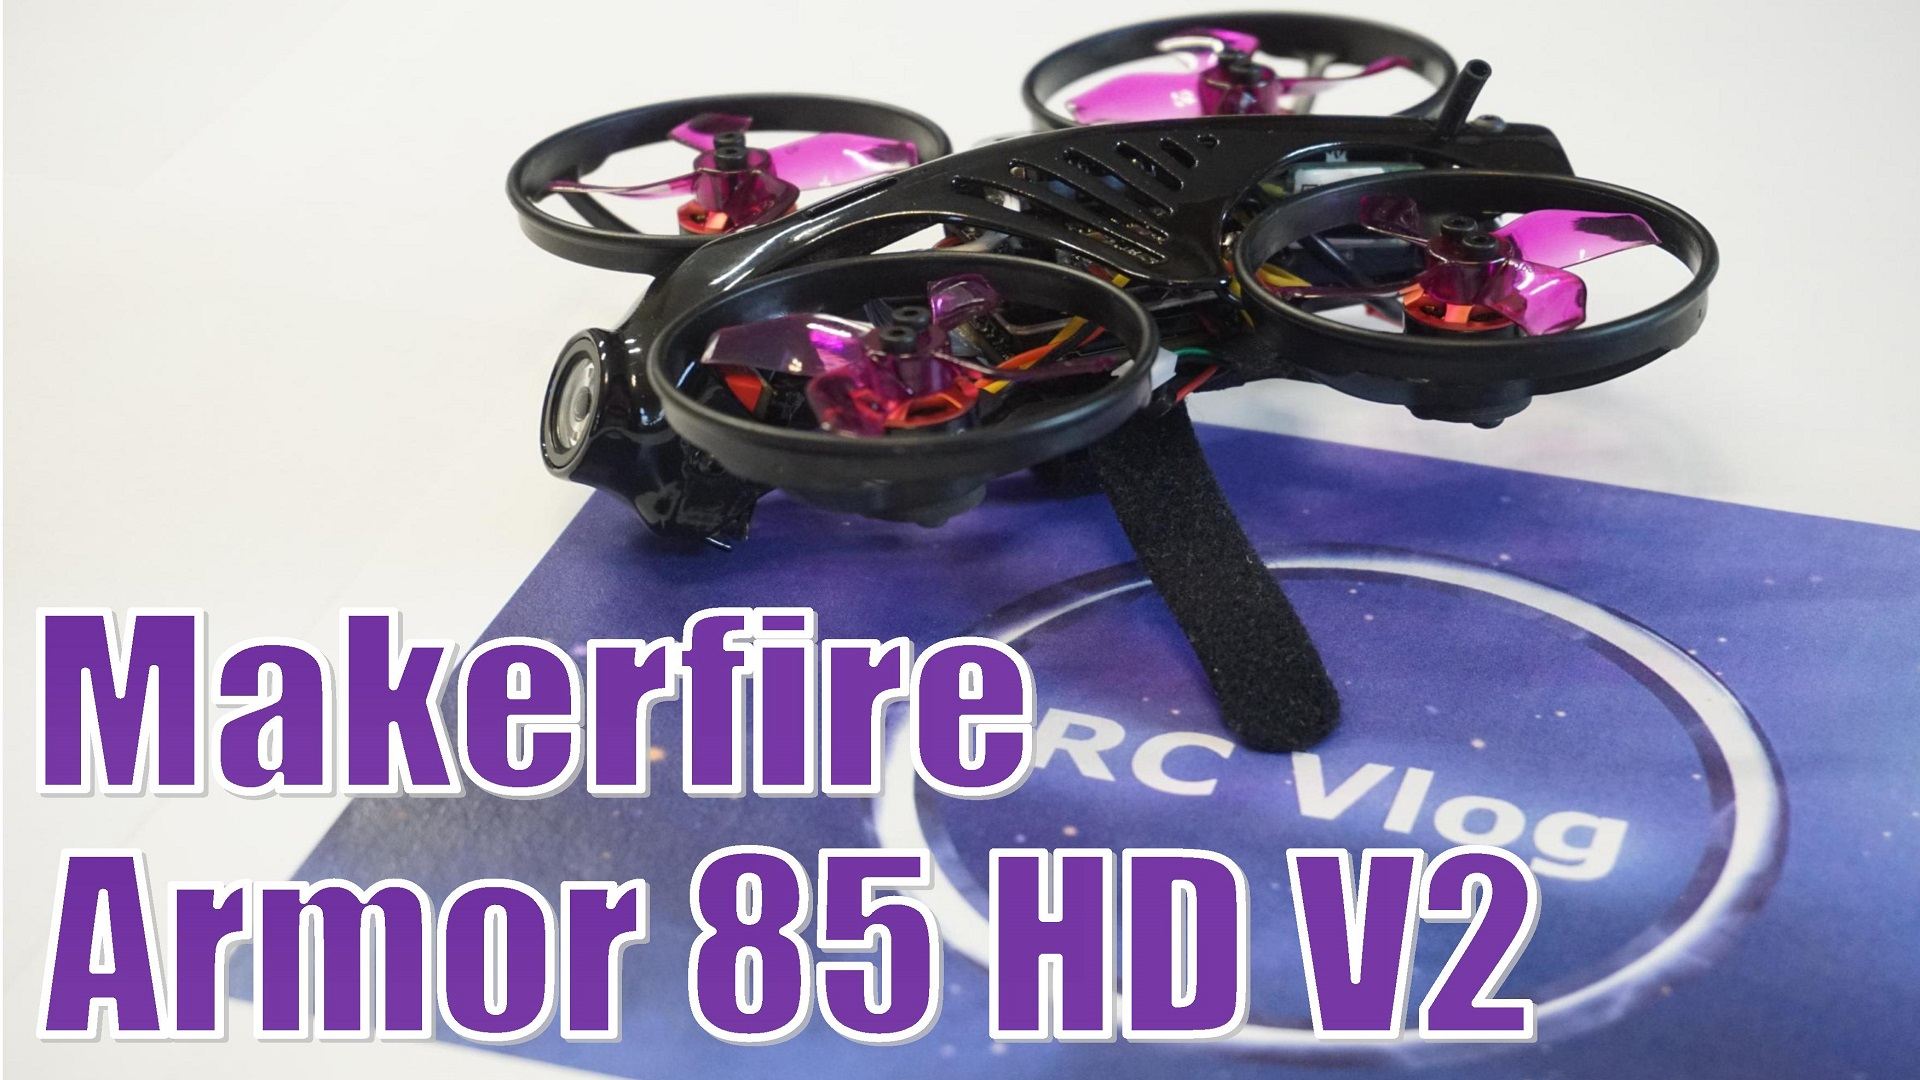 Makerfire Armor 85 HD V2